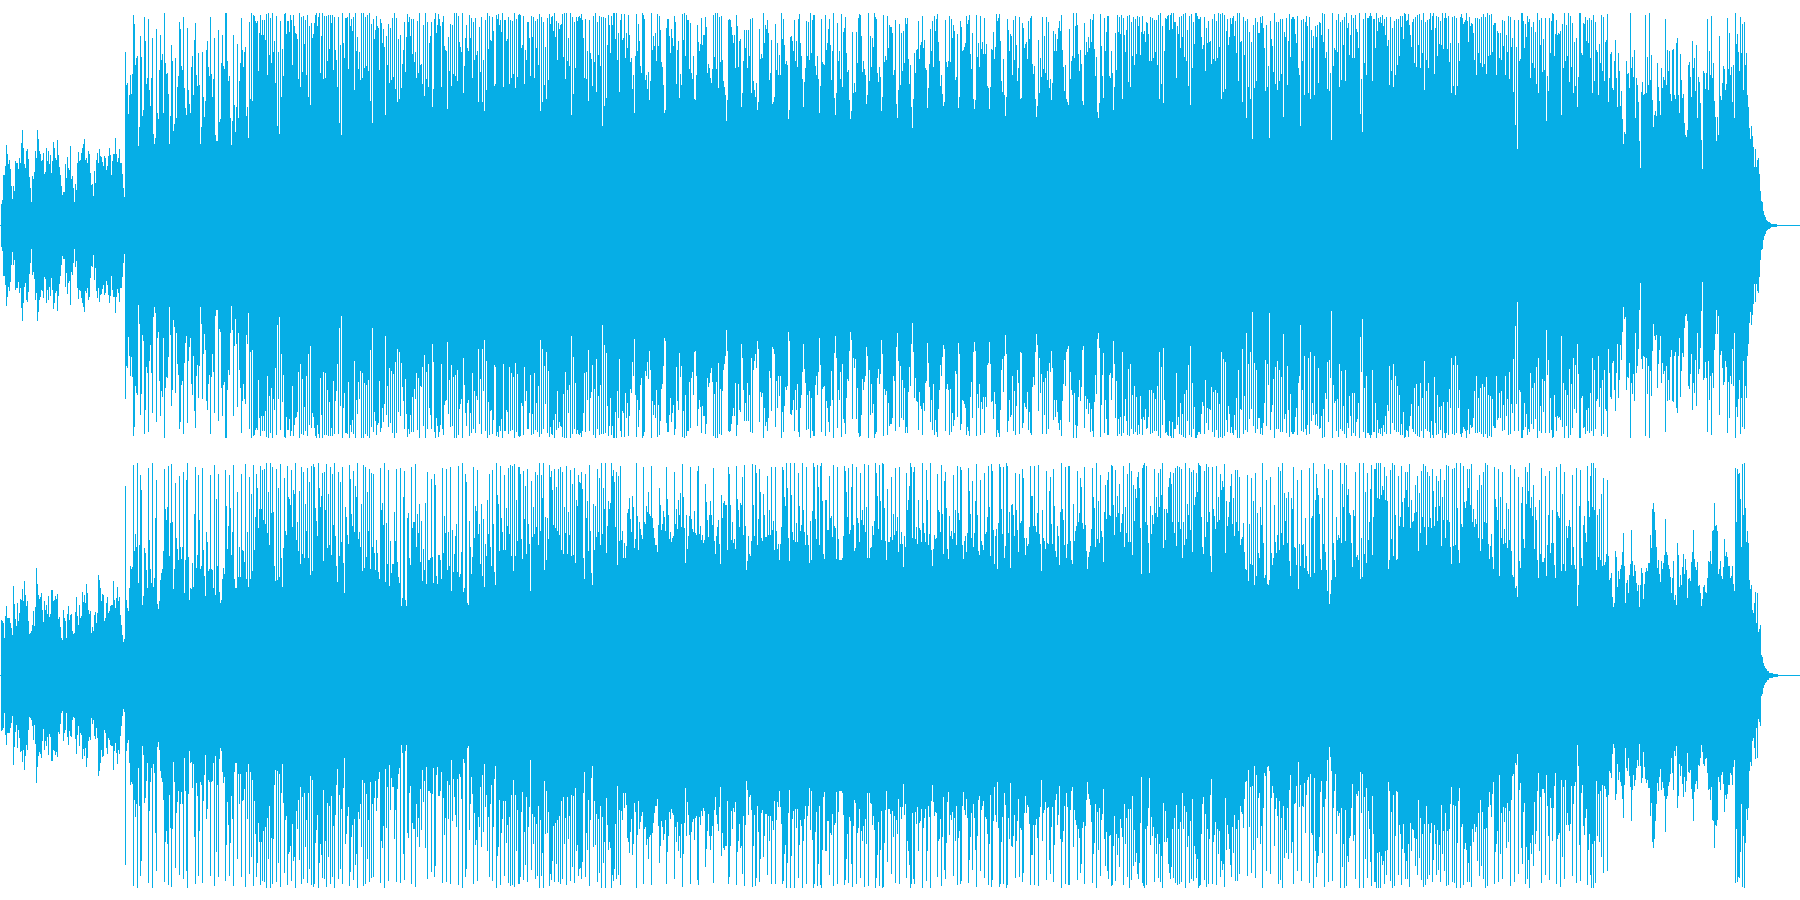 神秘的な印象のシンセサウンドの再生済みの波形